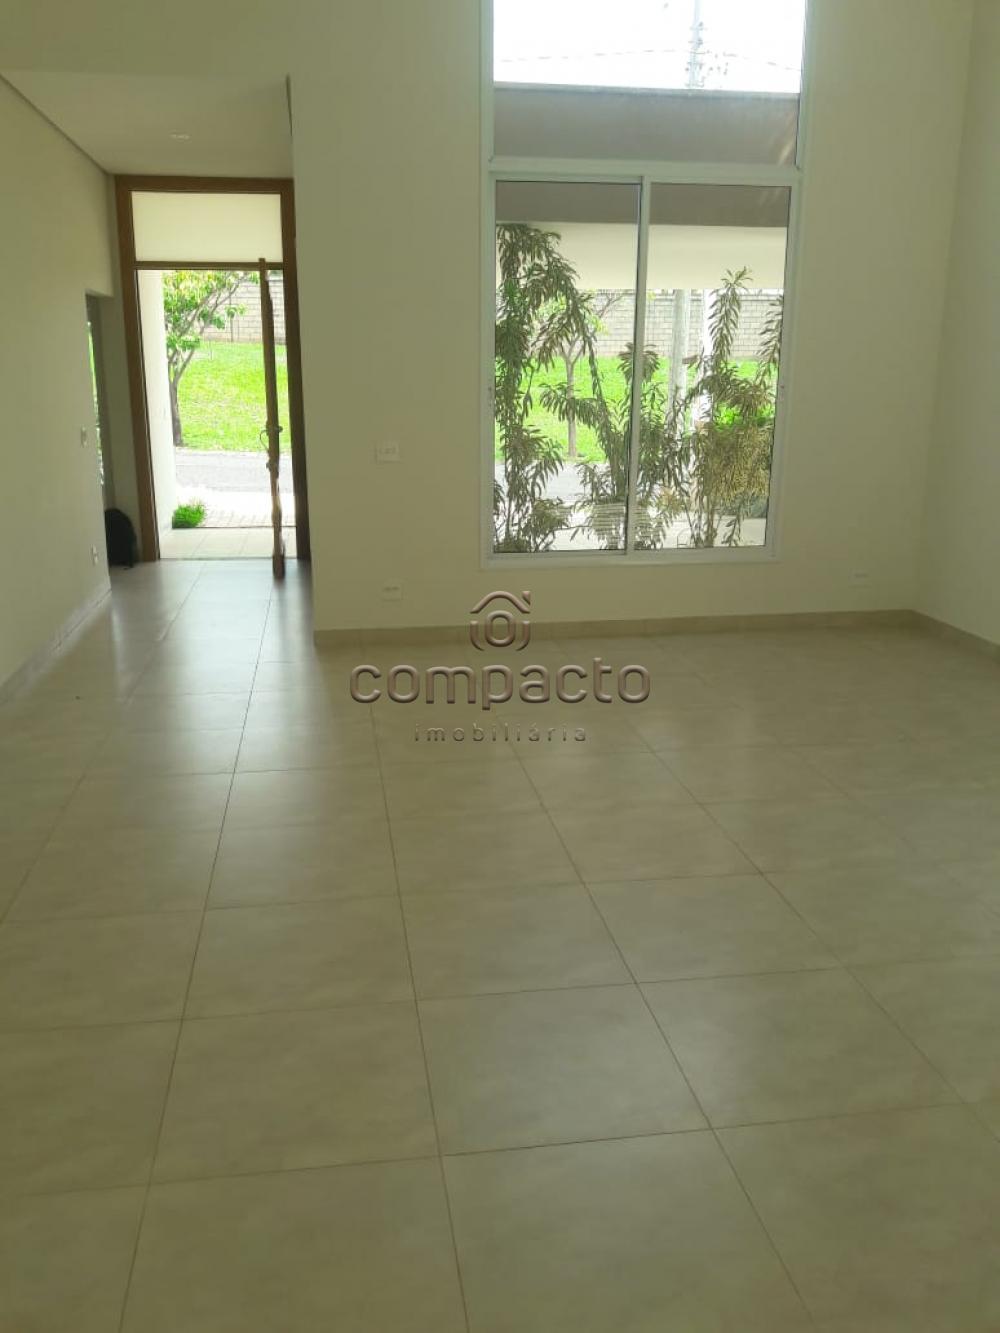 Alugar Casa / Condomínio em São José do Rio Preto apenas R$ 5.000,00 - Foto 4